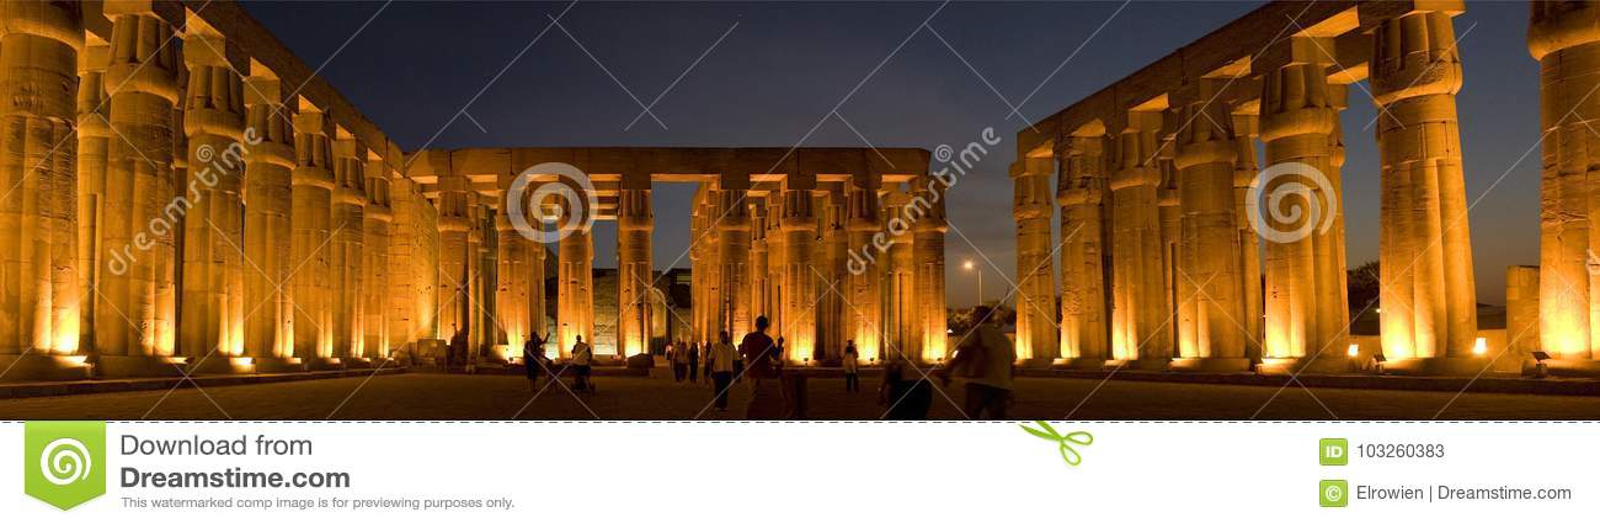 Tempiale di Luxor, Egitto